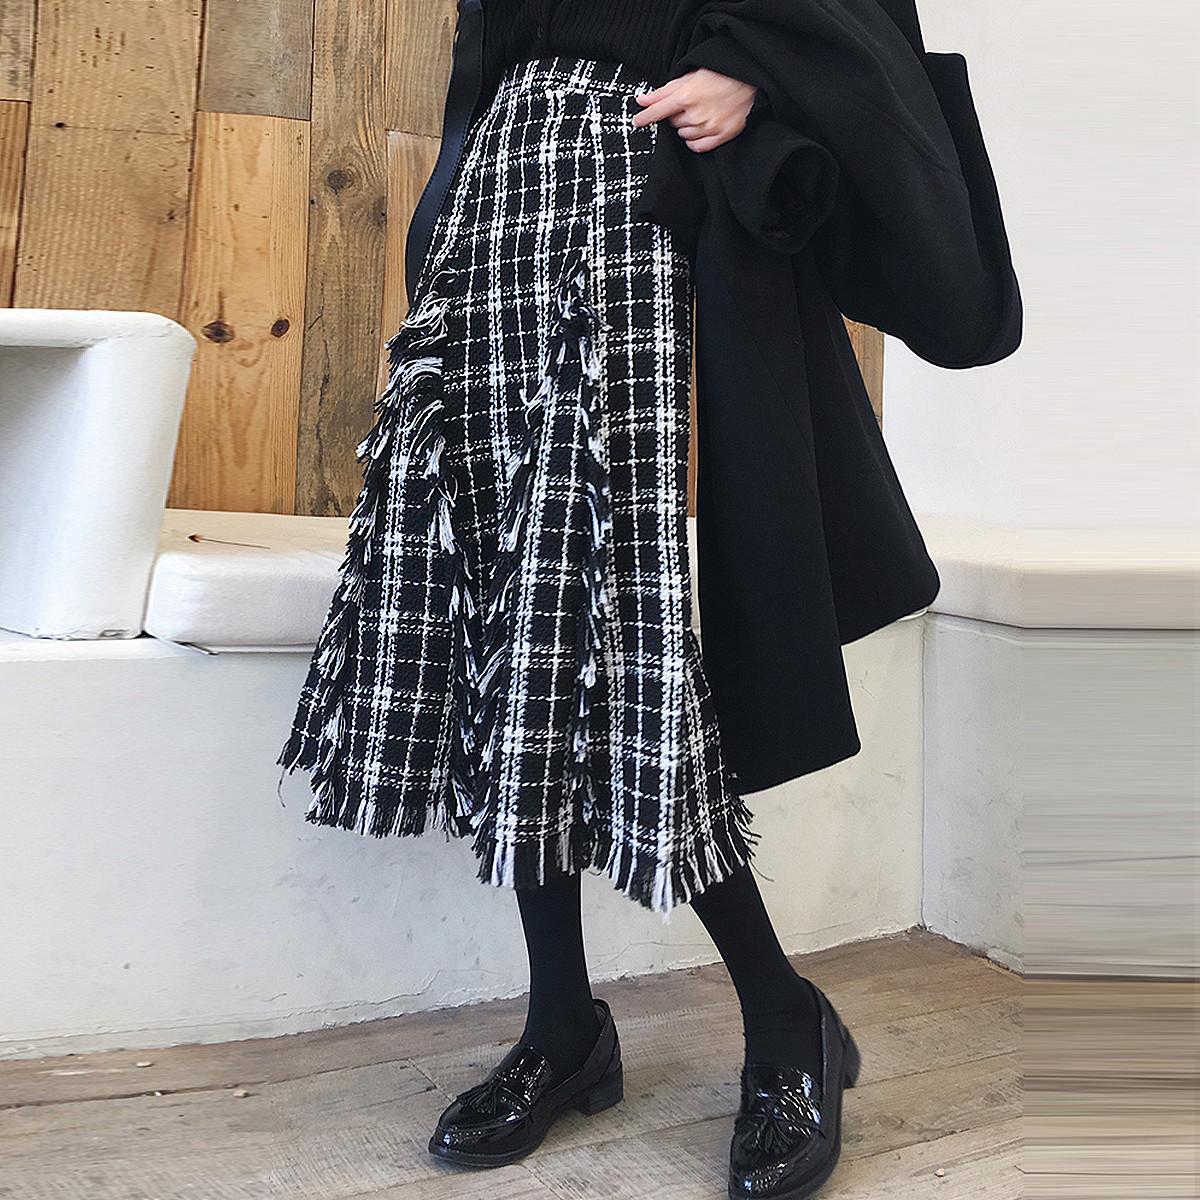 秋冬新款复古优雅流苏边撞色格子裙修身不规则拼接粗花呢半身裙女